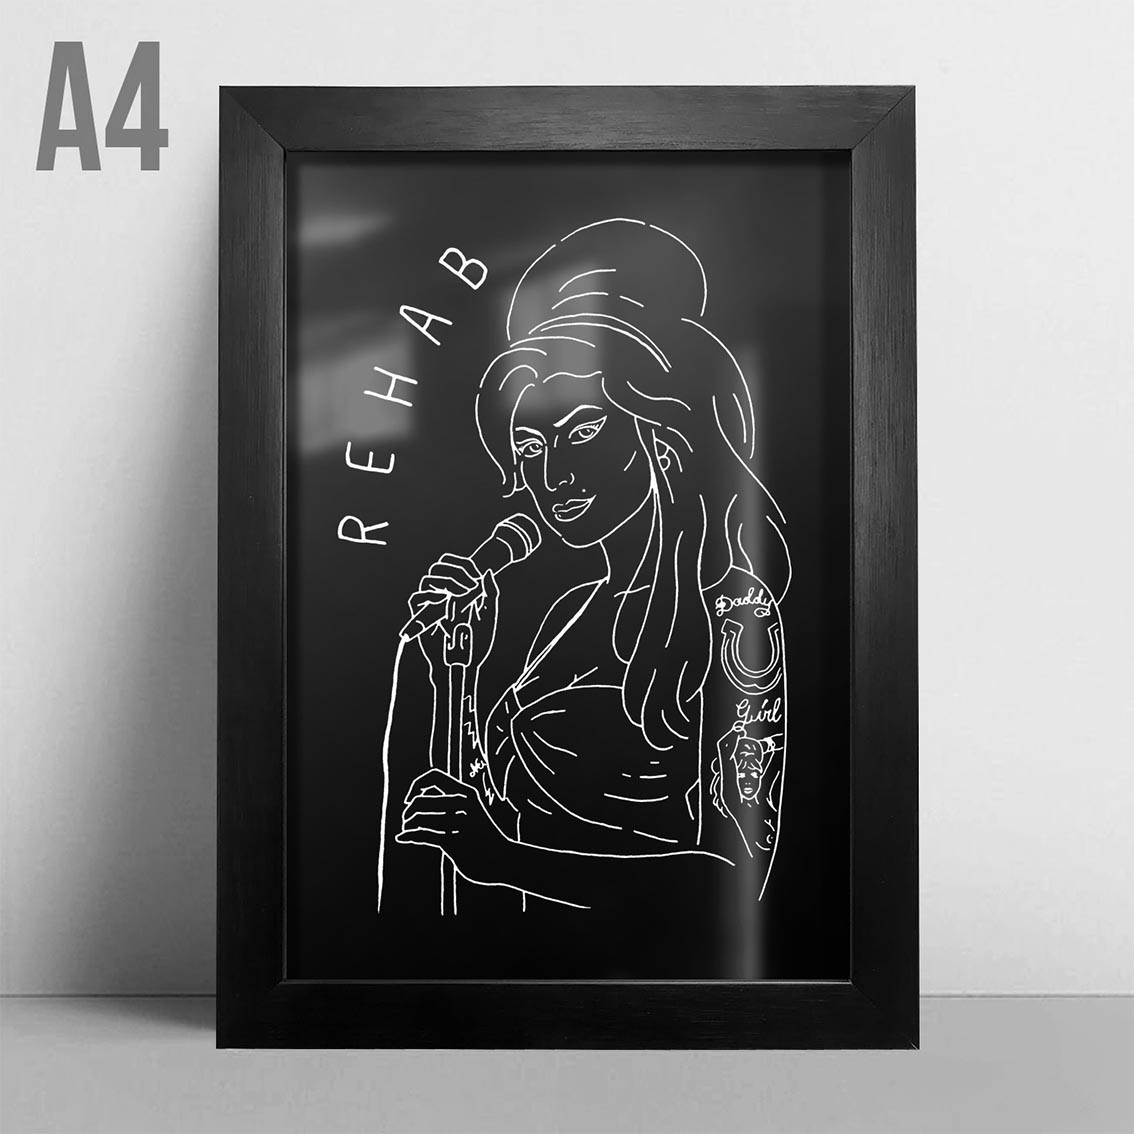 Quadro A4 - Amy Winehouse PT